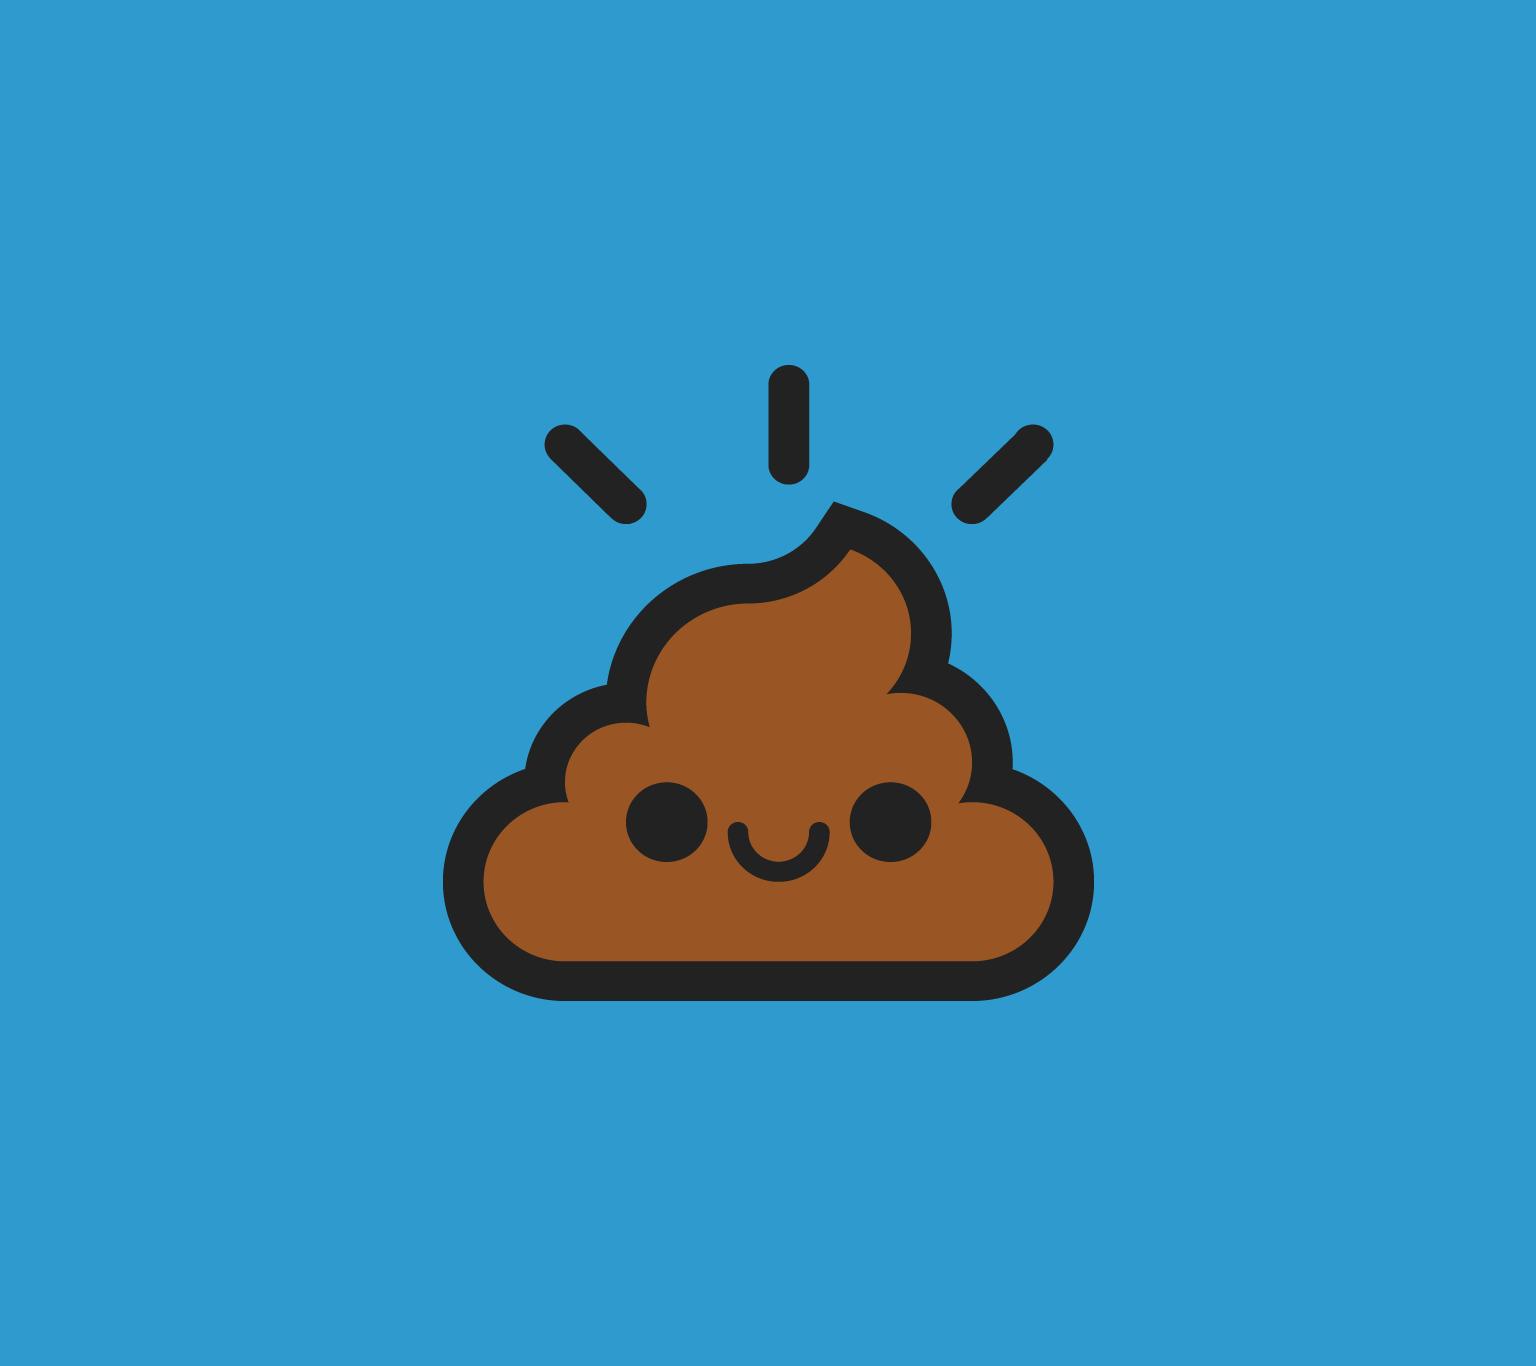 emoji_01a.png